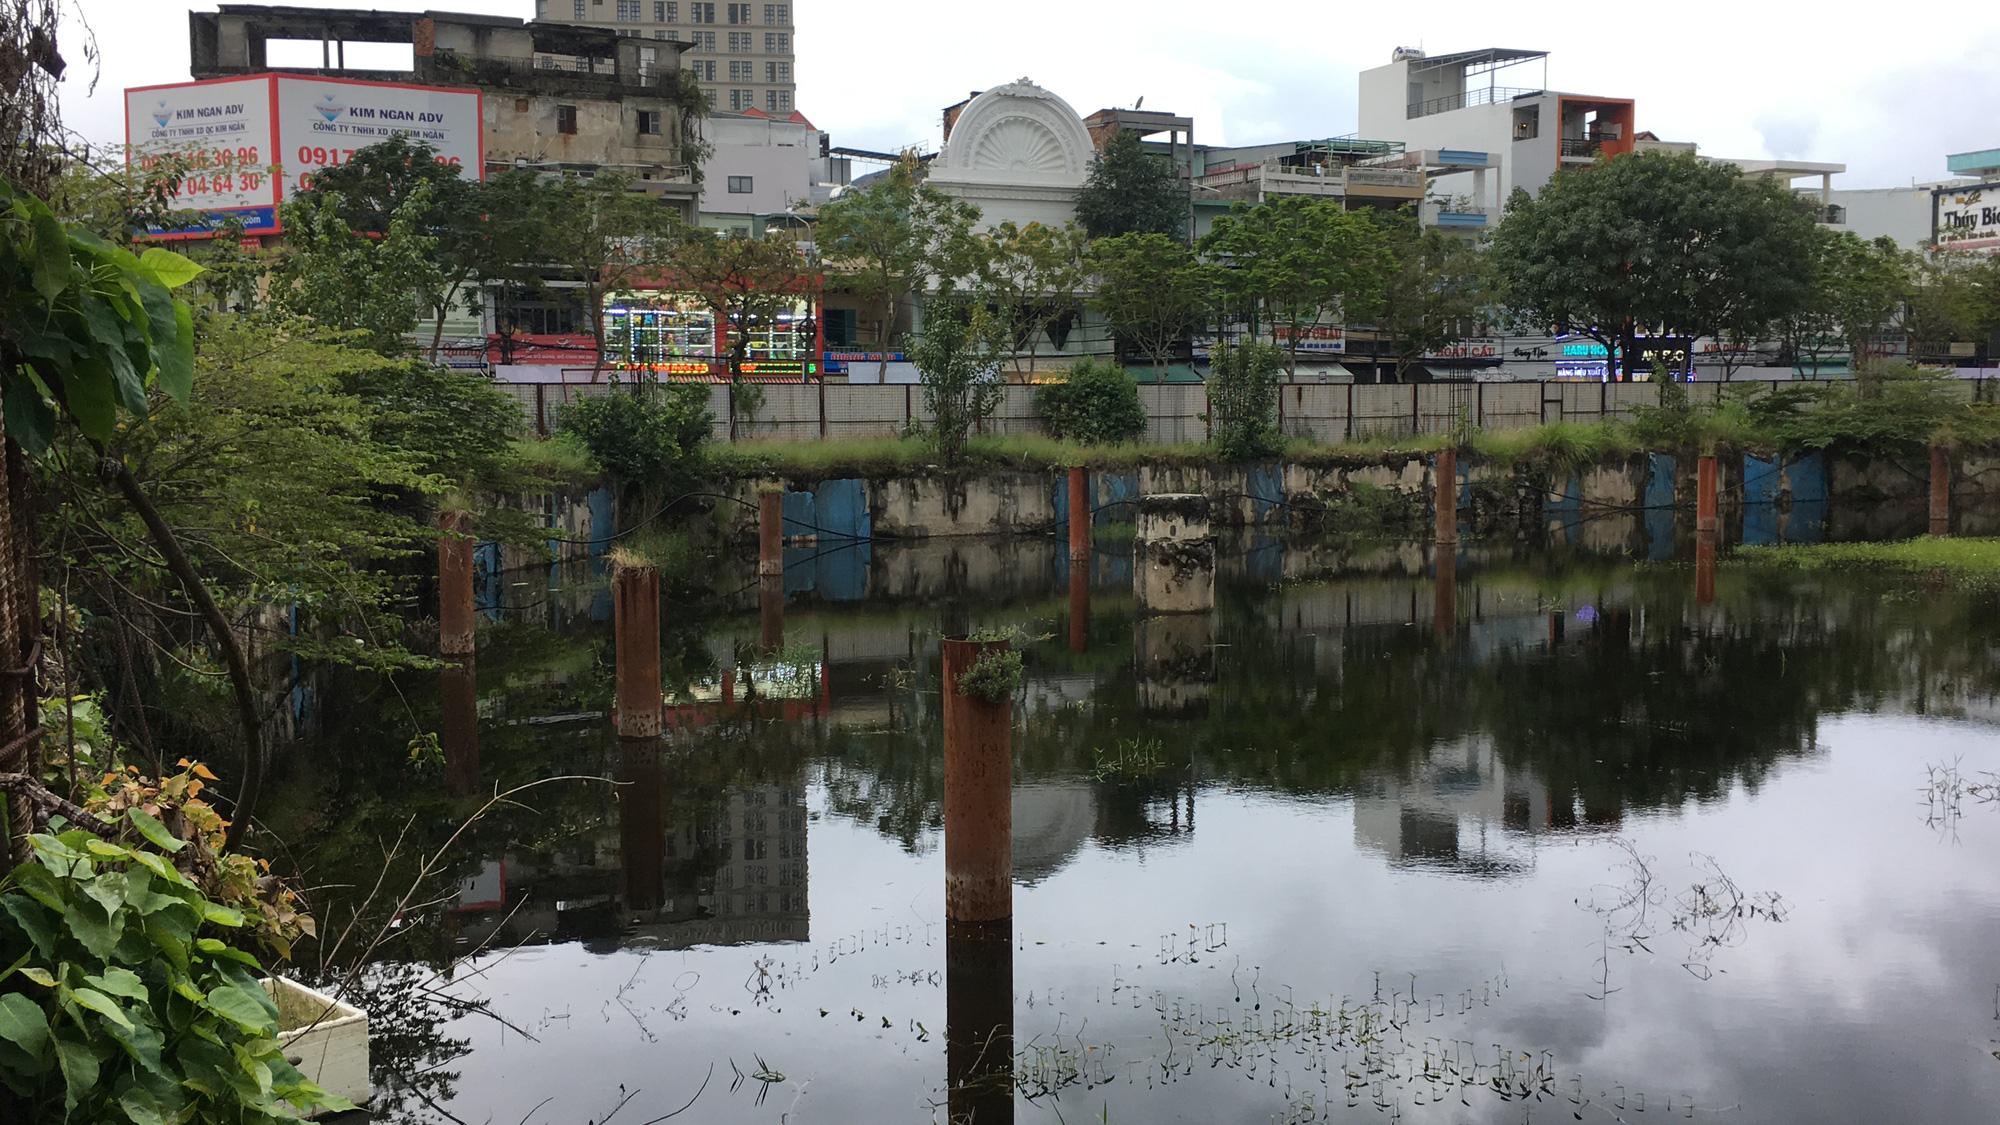 Hai khu đất làm vườn dạo, bãi đỗ xe ngầm trung tâm Đà Nẵng bao giờ 'khởi động'? - Ảnh 3.